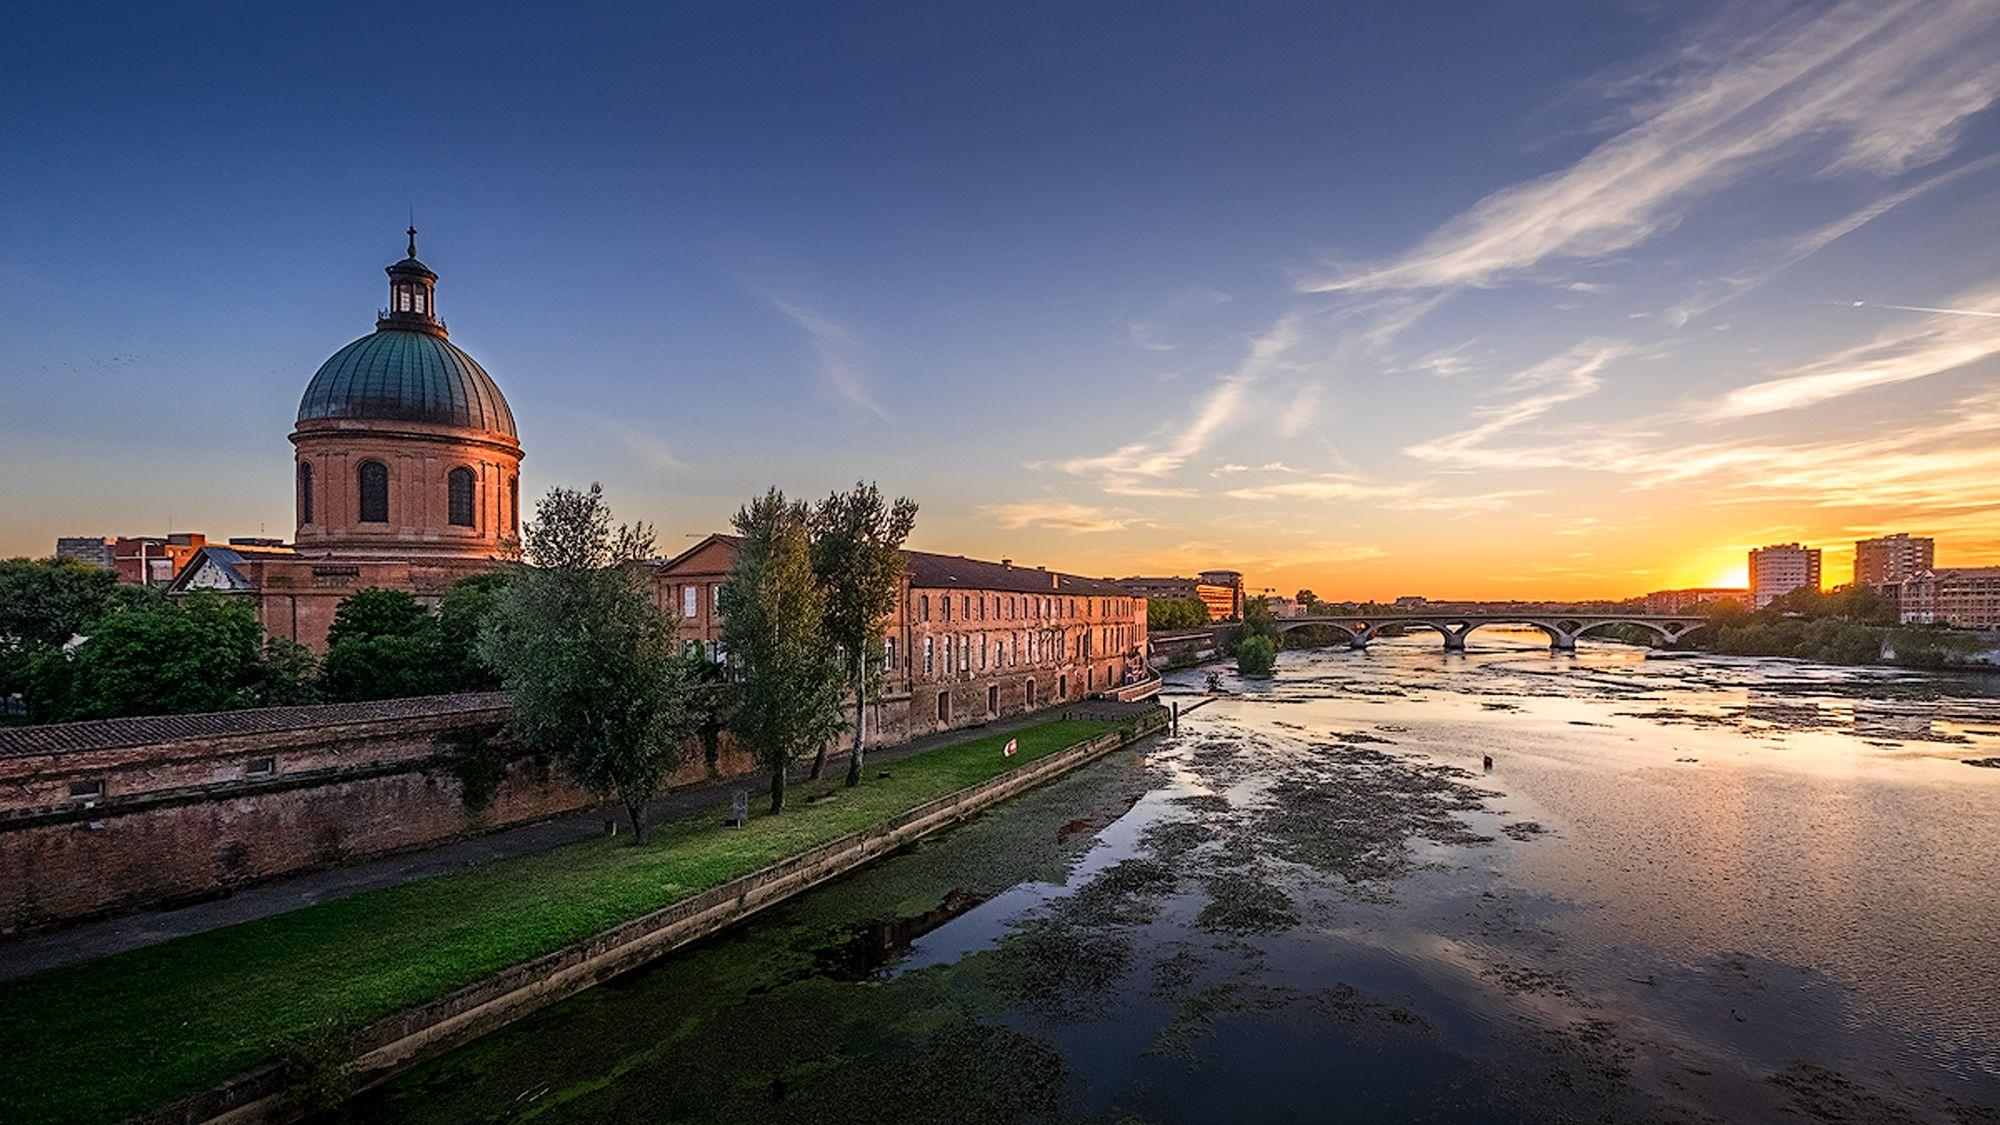 Le coucher de soleil sur la Garonne à Toulouse